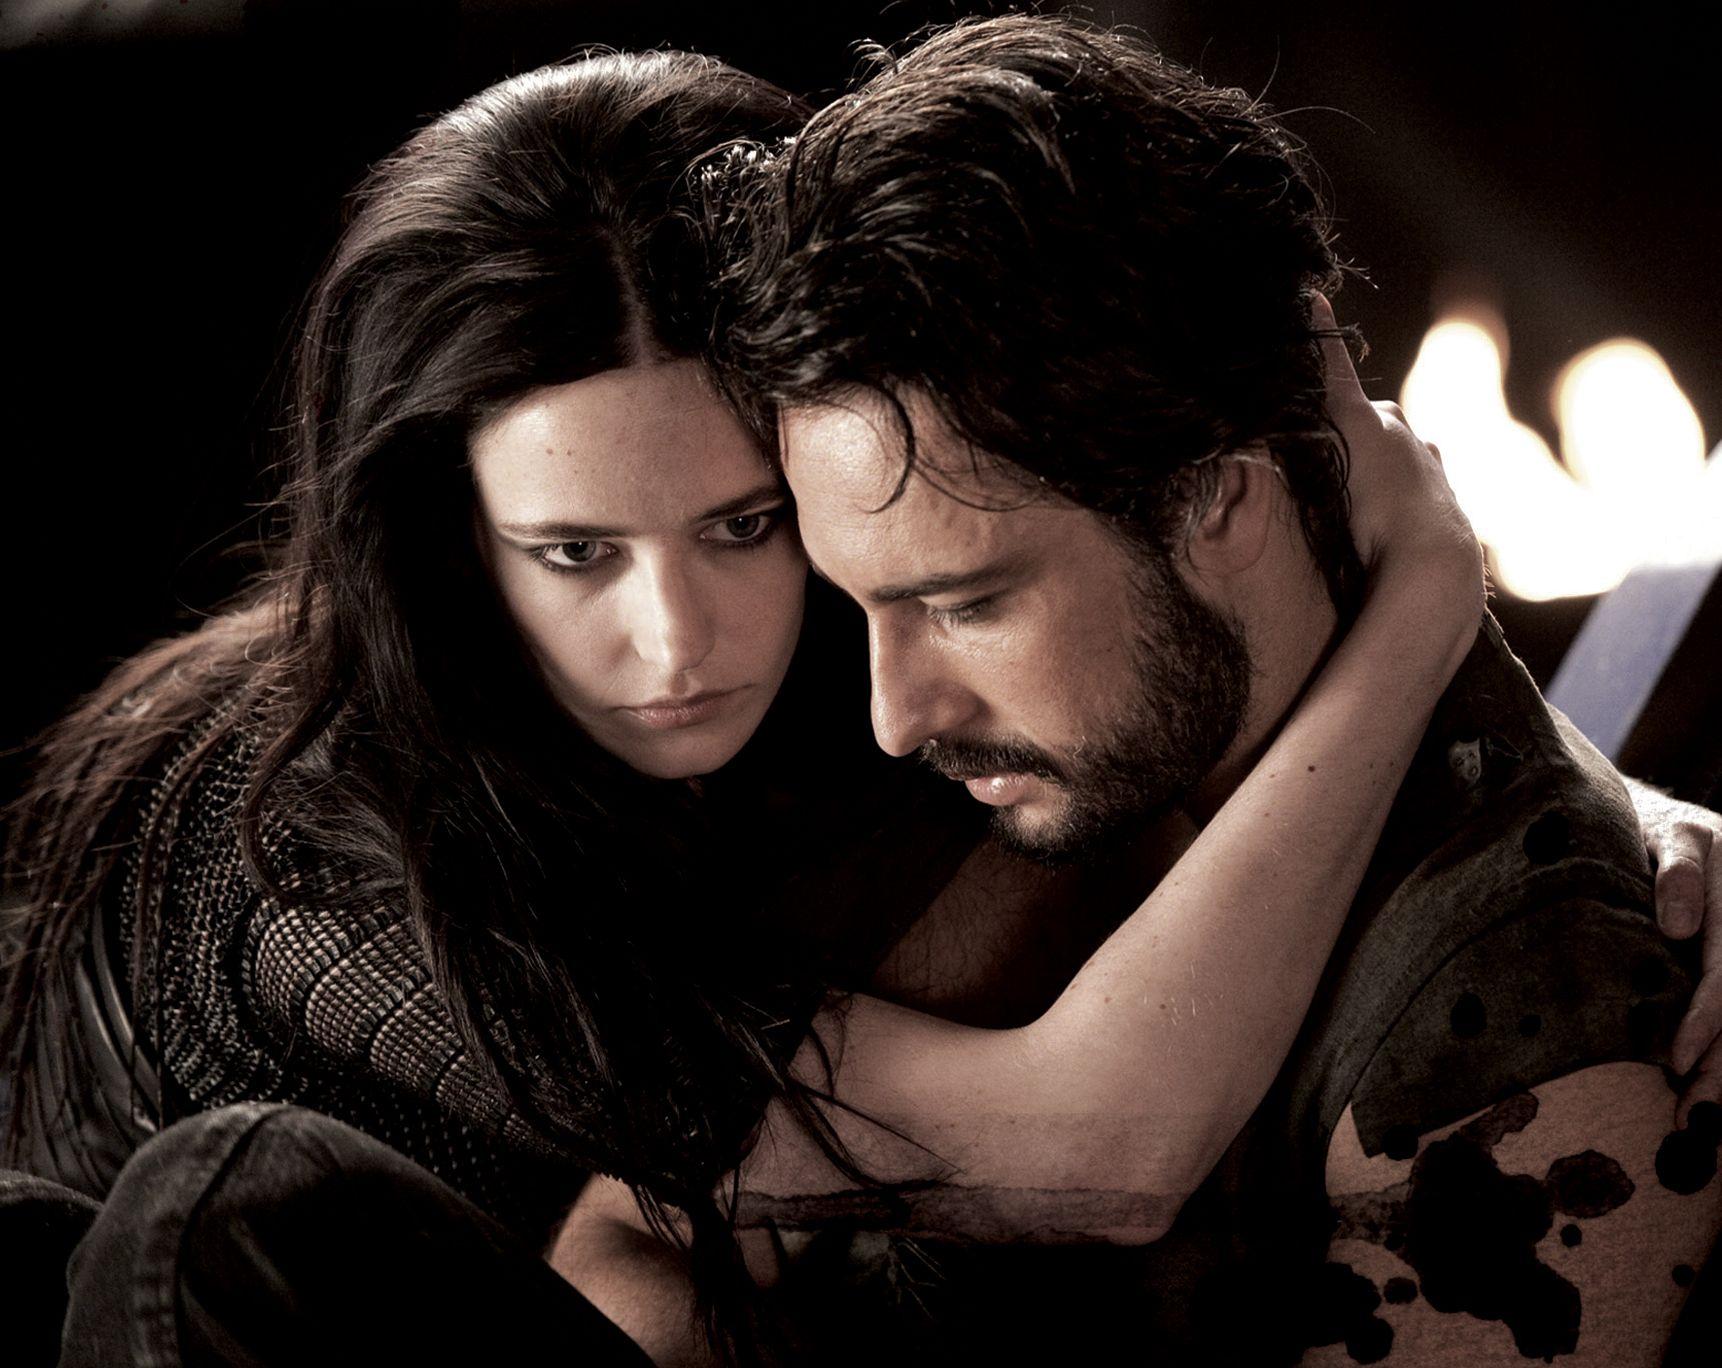 Eva Green as Artemisia and Rodrigo Santoro as Xerxes